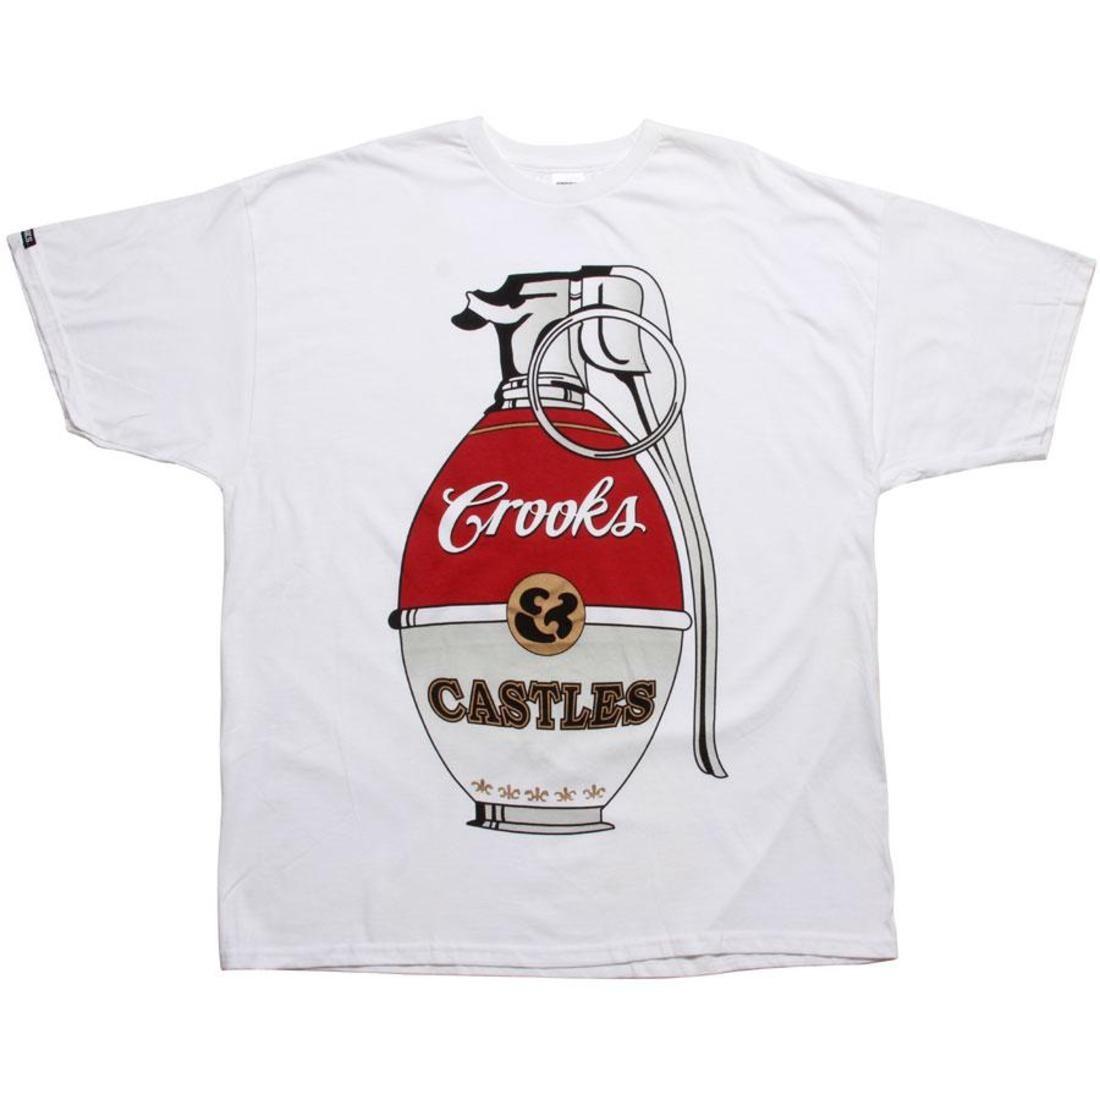 【海外限定】Tシャツ 赤 レッド カットソー 【 RED CROOKS AND CASTLES WAR HALLS GRENADE TEE WHITE GREY 】